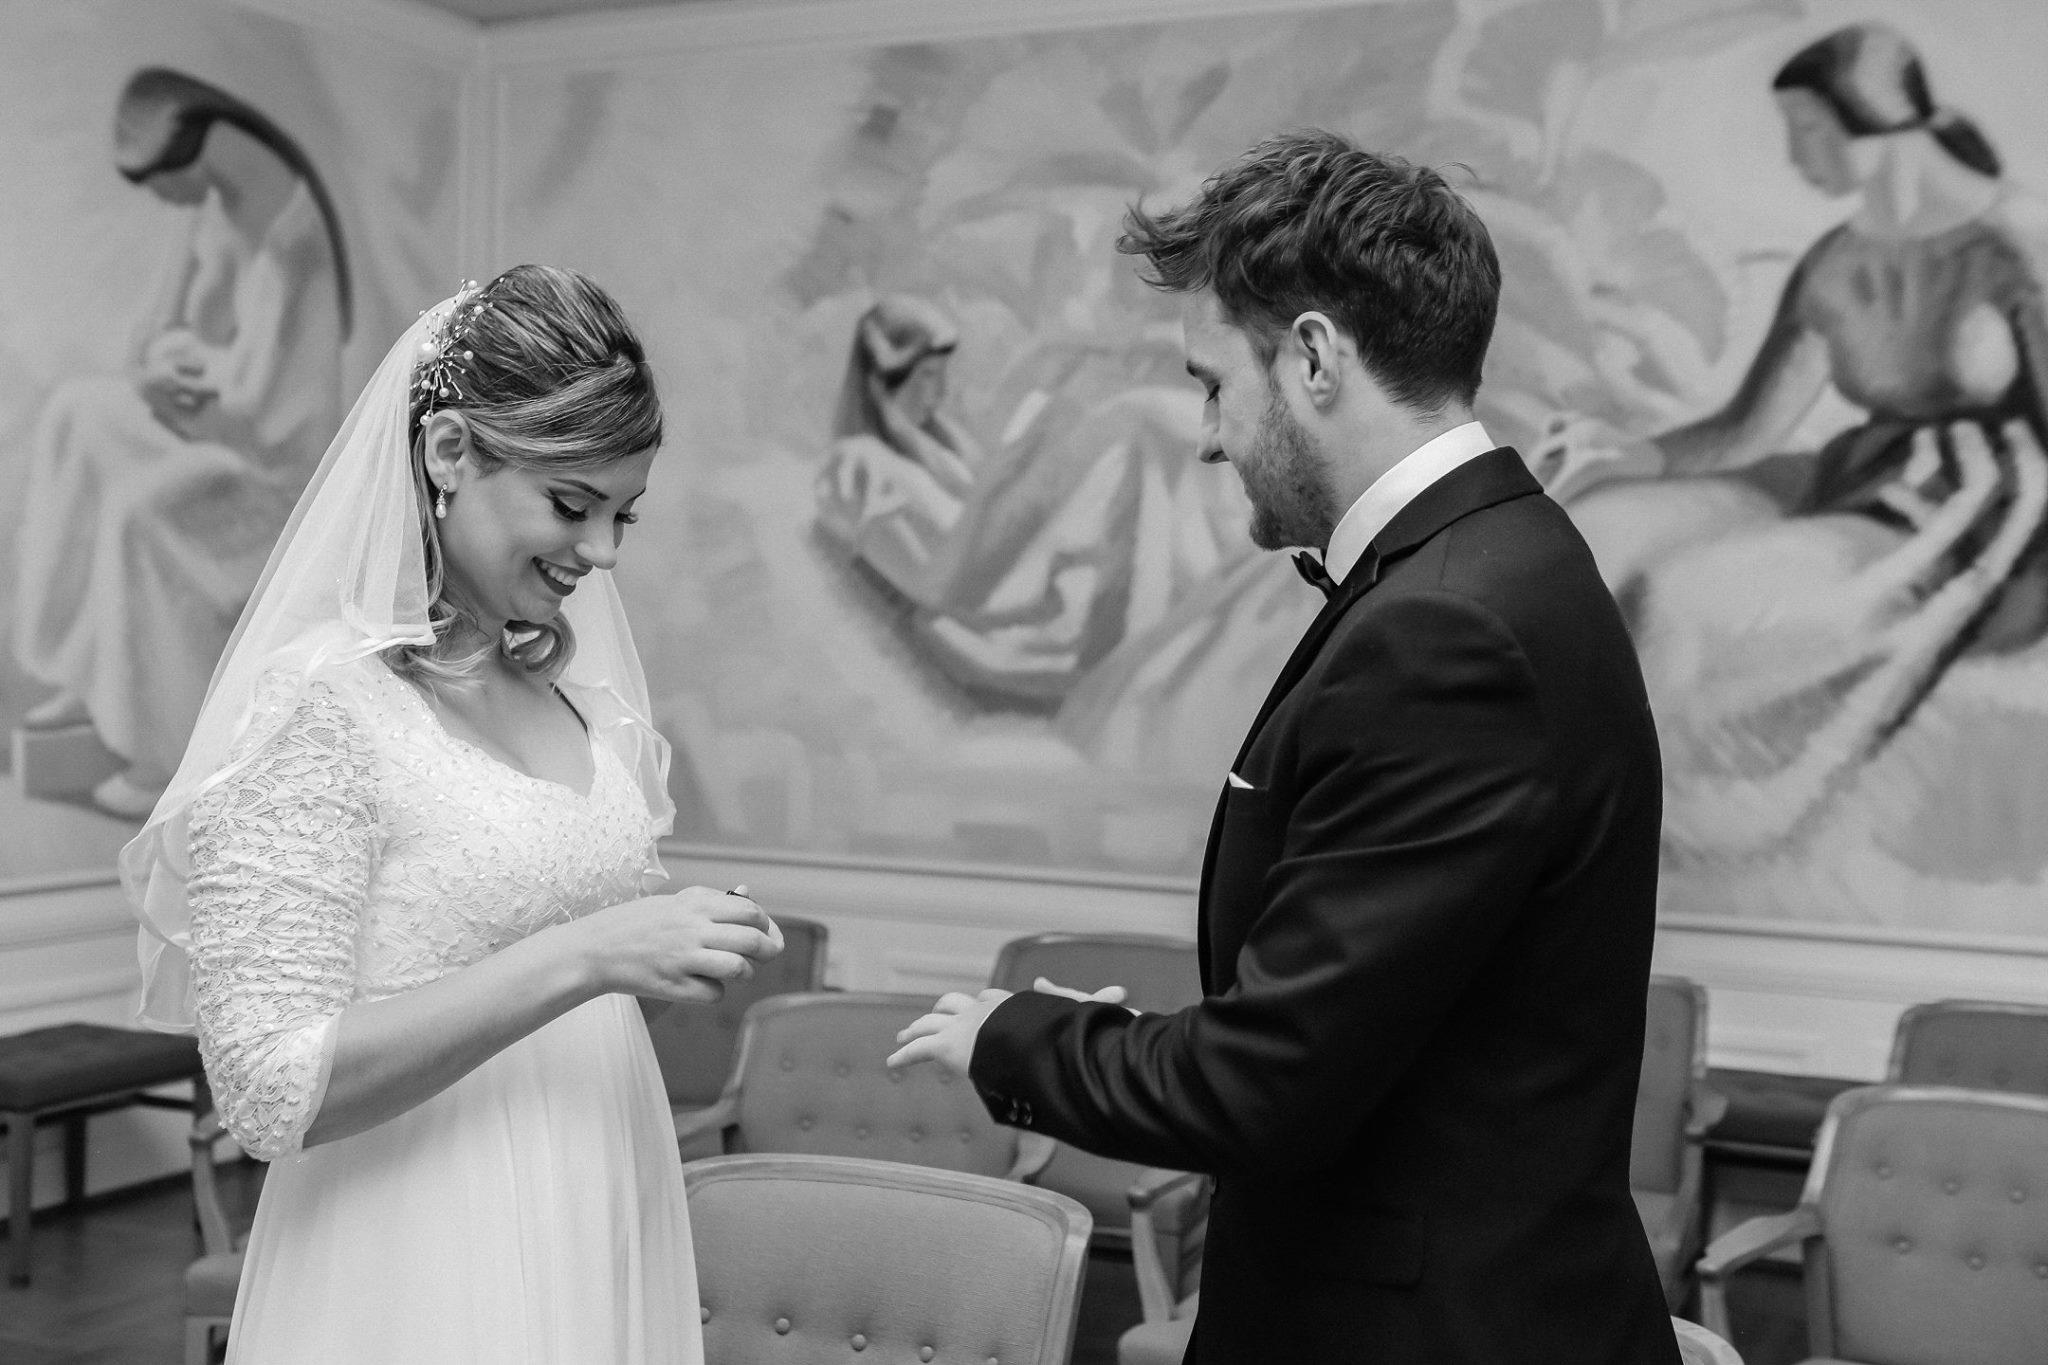 copenhagen-wedding-photograoher19